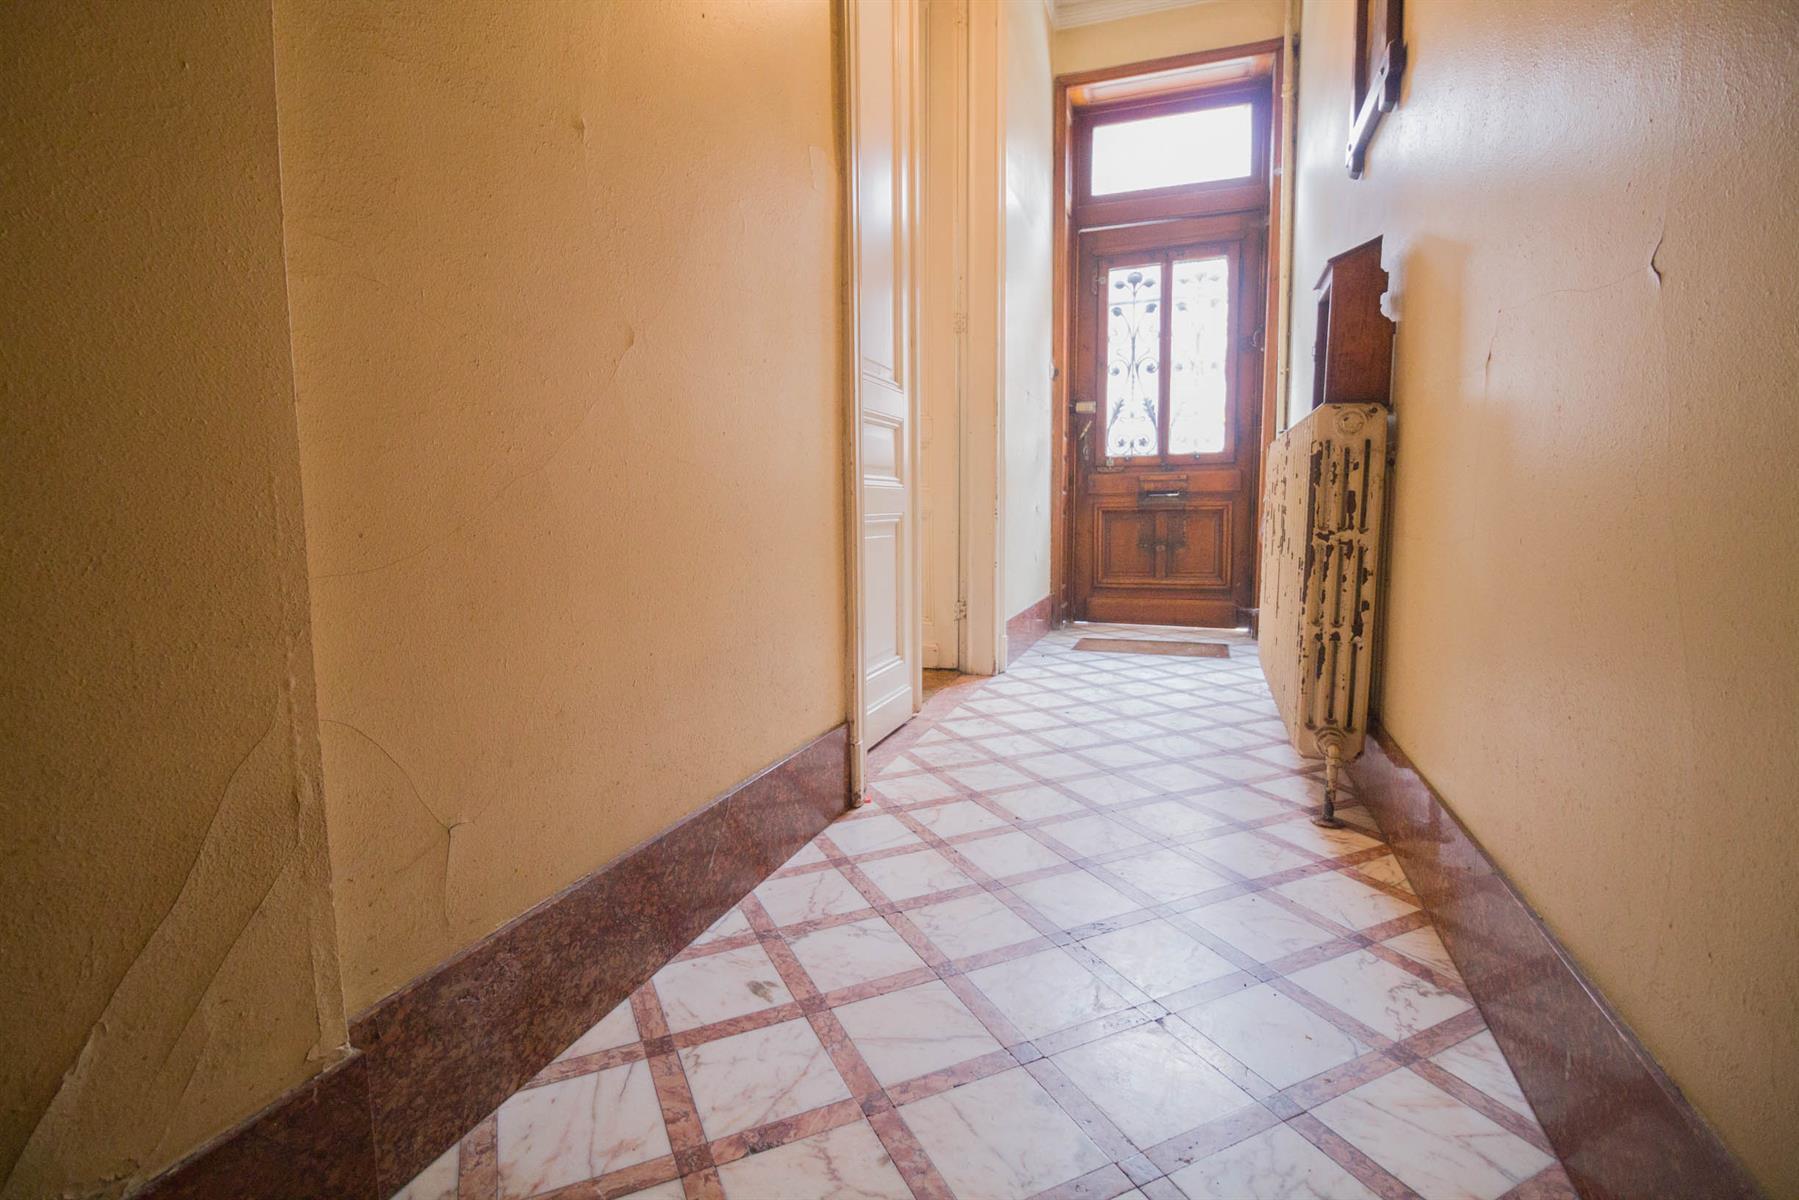 Maison de maître - Dampremy - #4373994-1